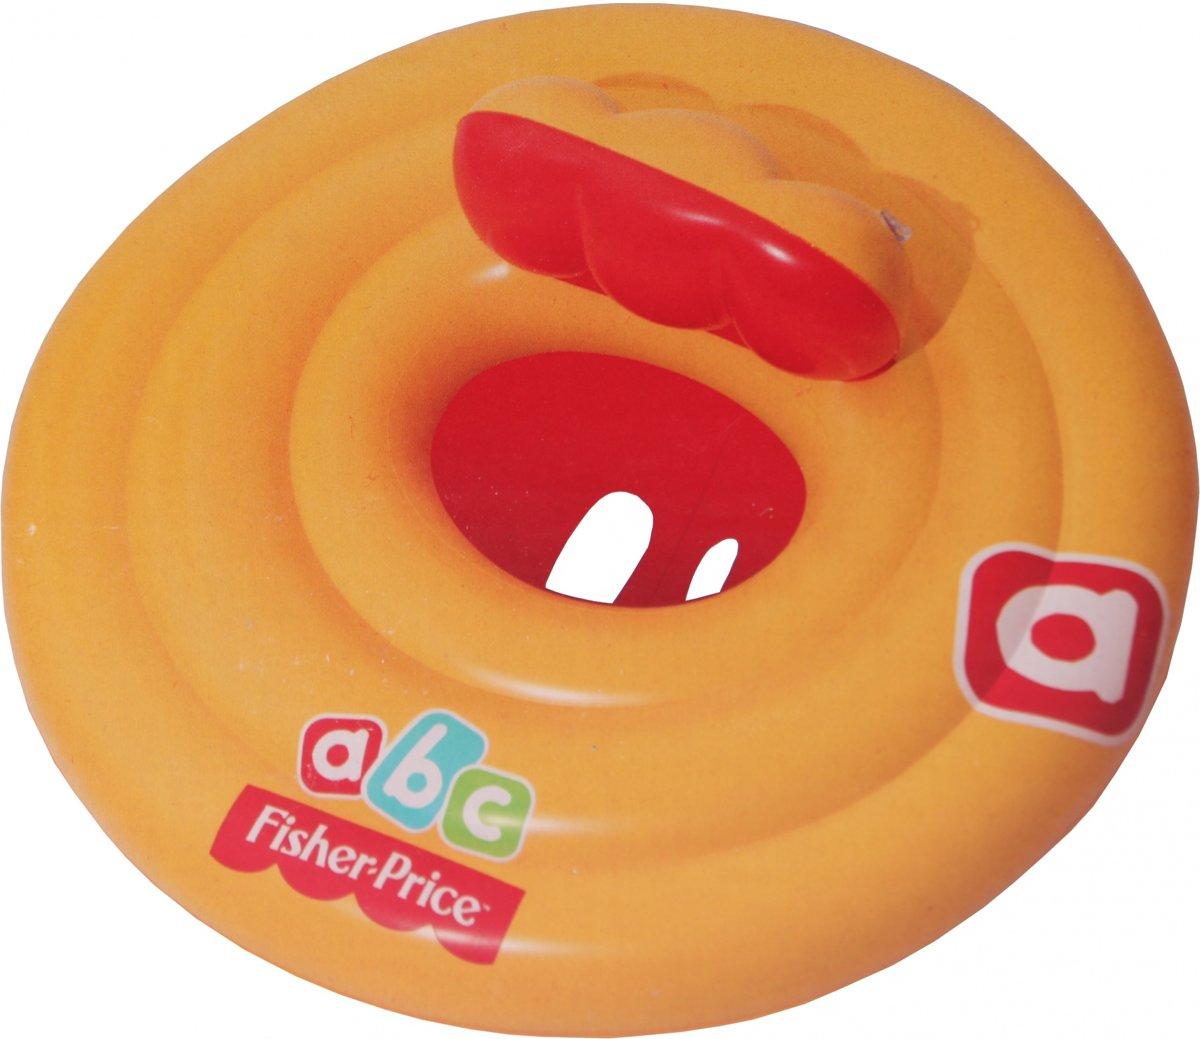 Bestway Baby Float 69cm Rond 0-1 jaar